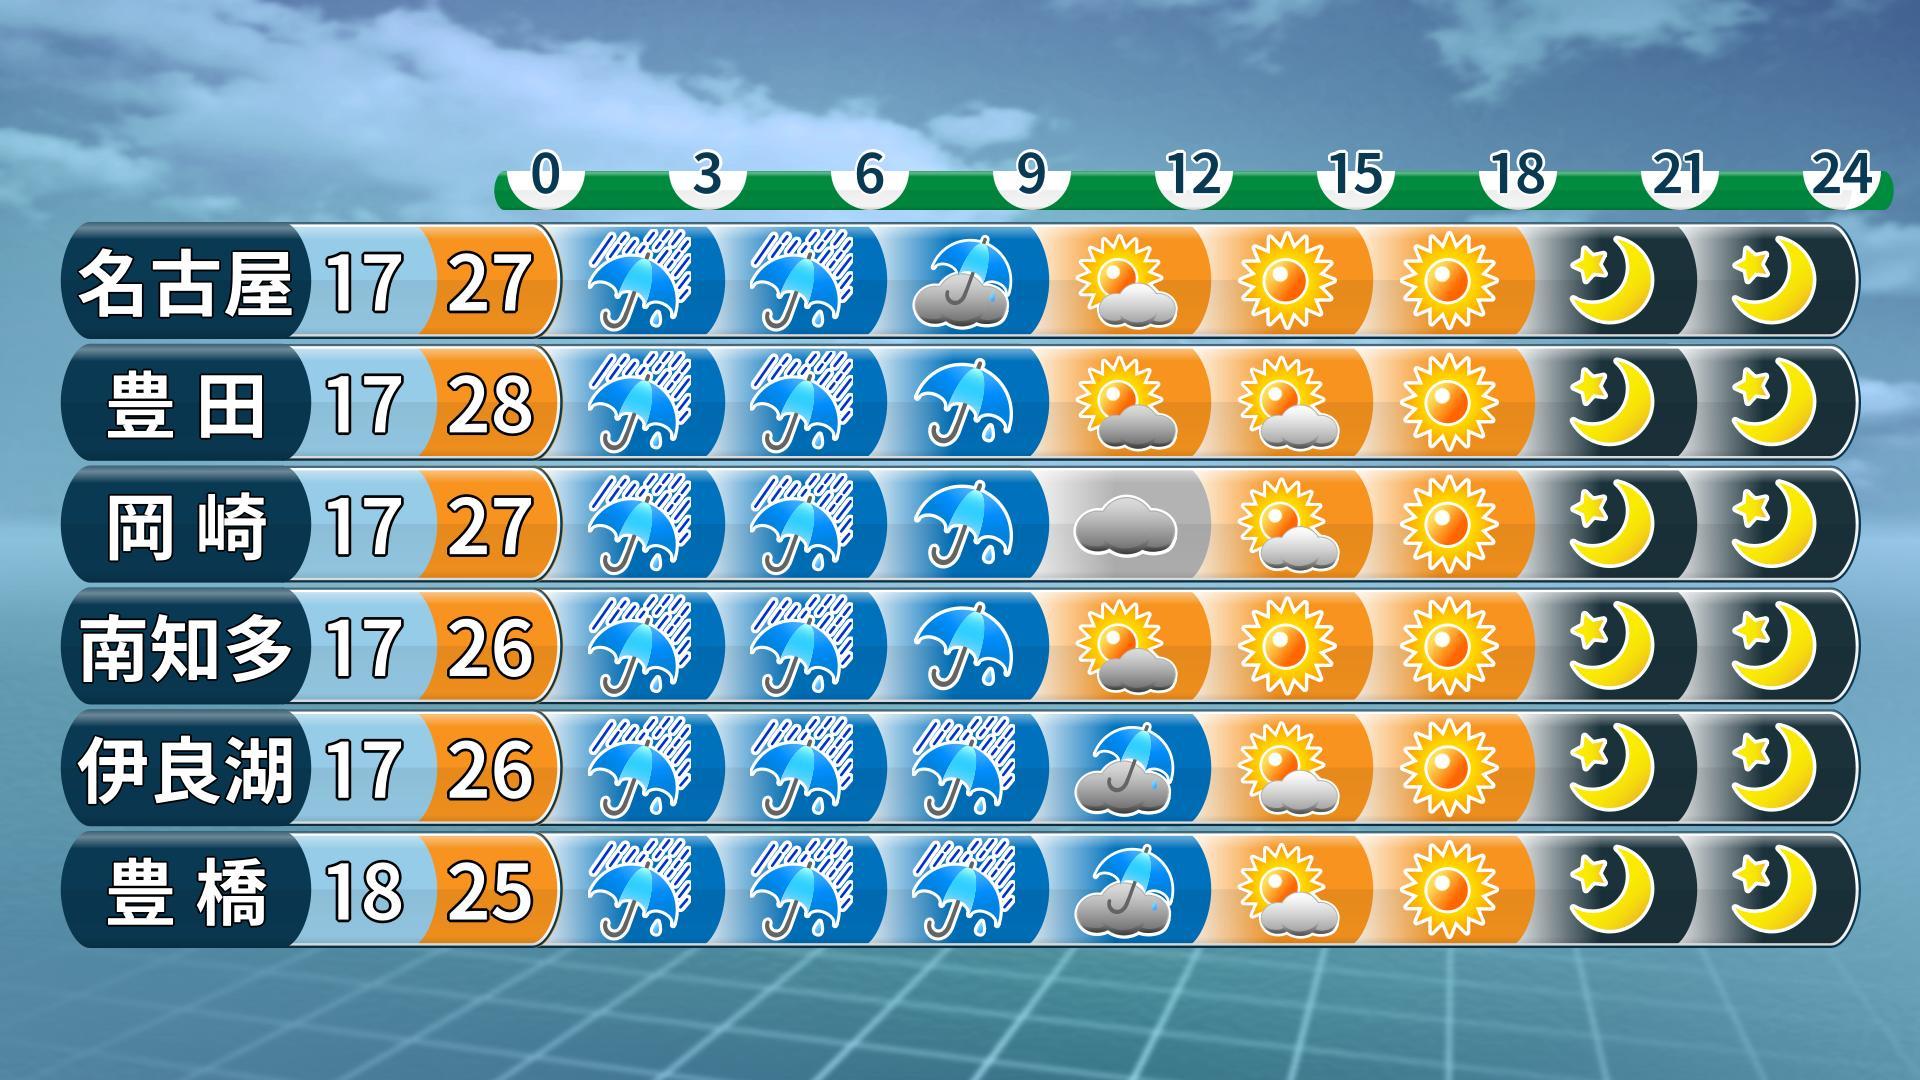 畫像 : #愛知 #名古屋 #天気予報 #荒れた天気【5/21】未明から朝に ...